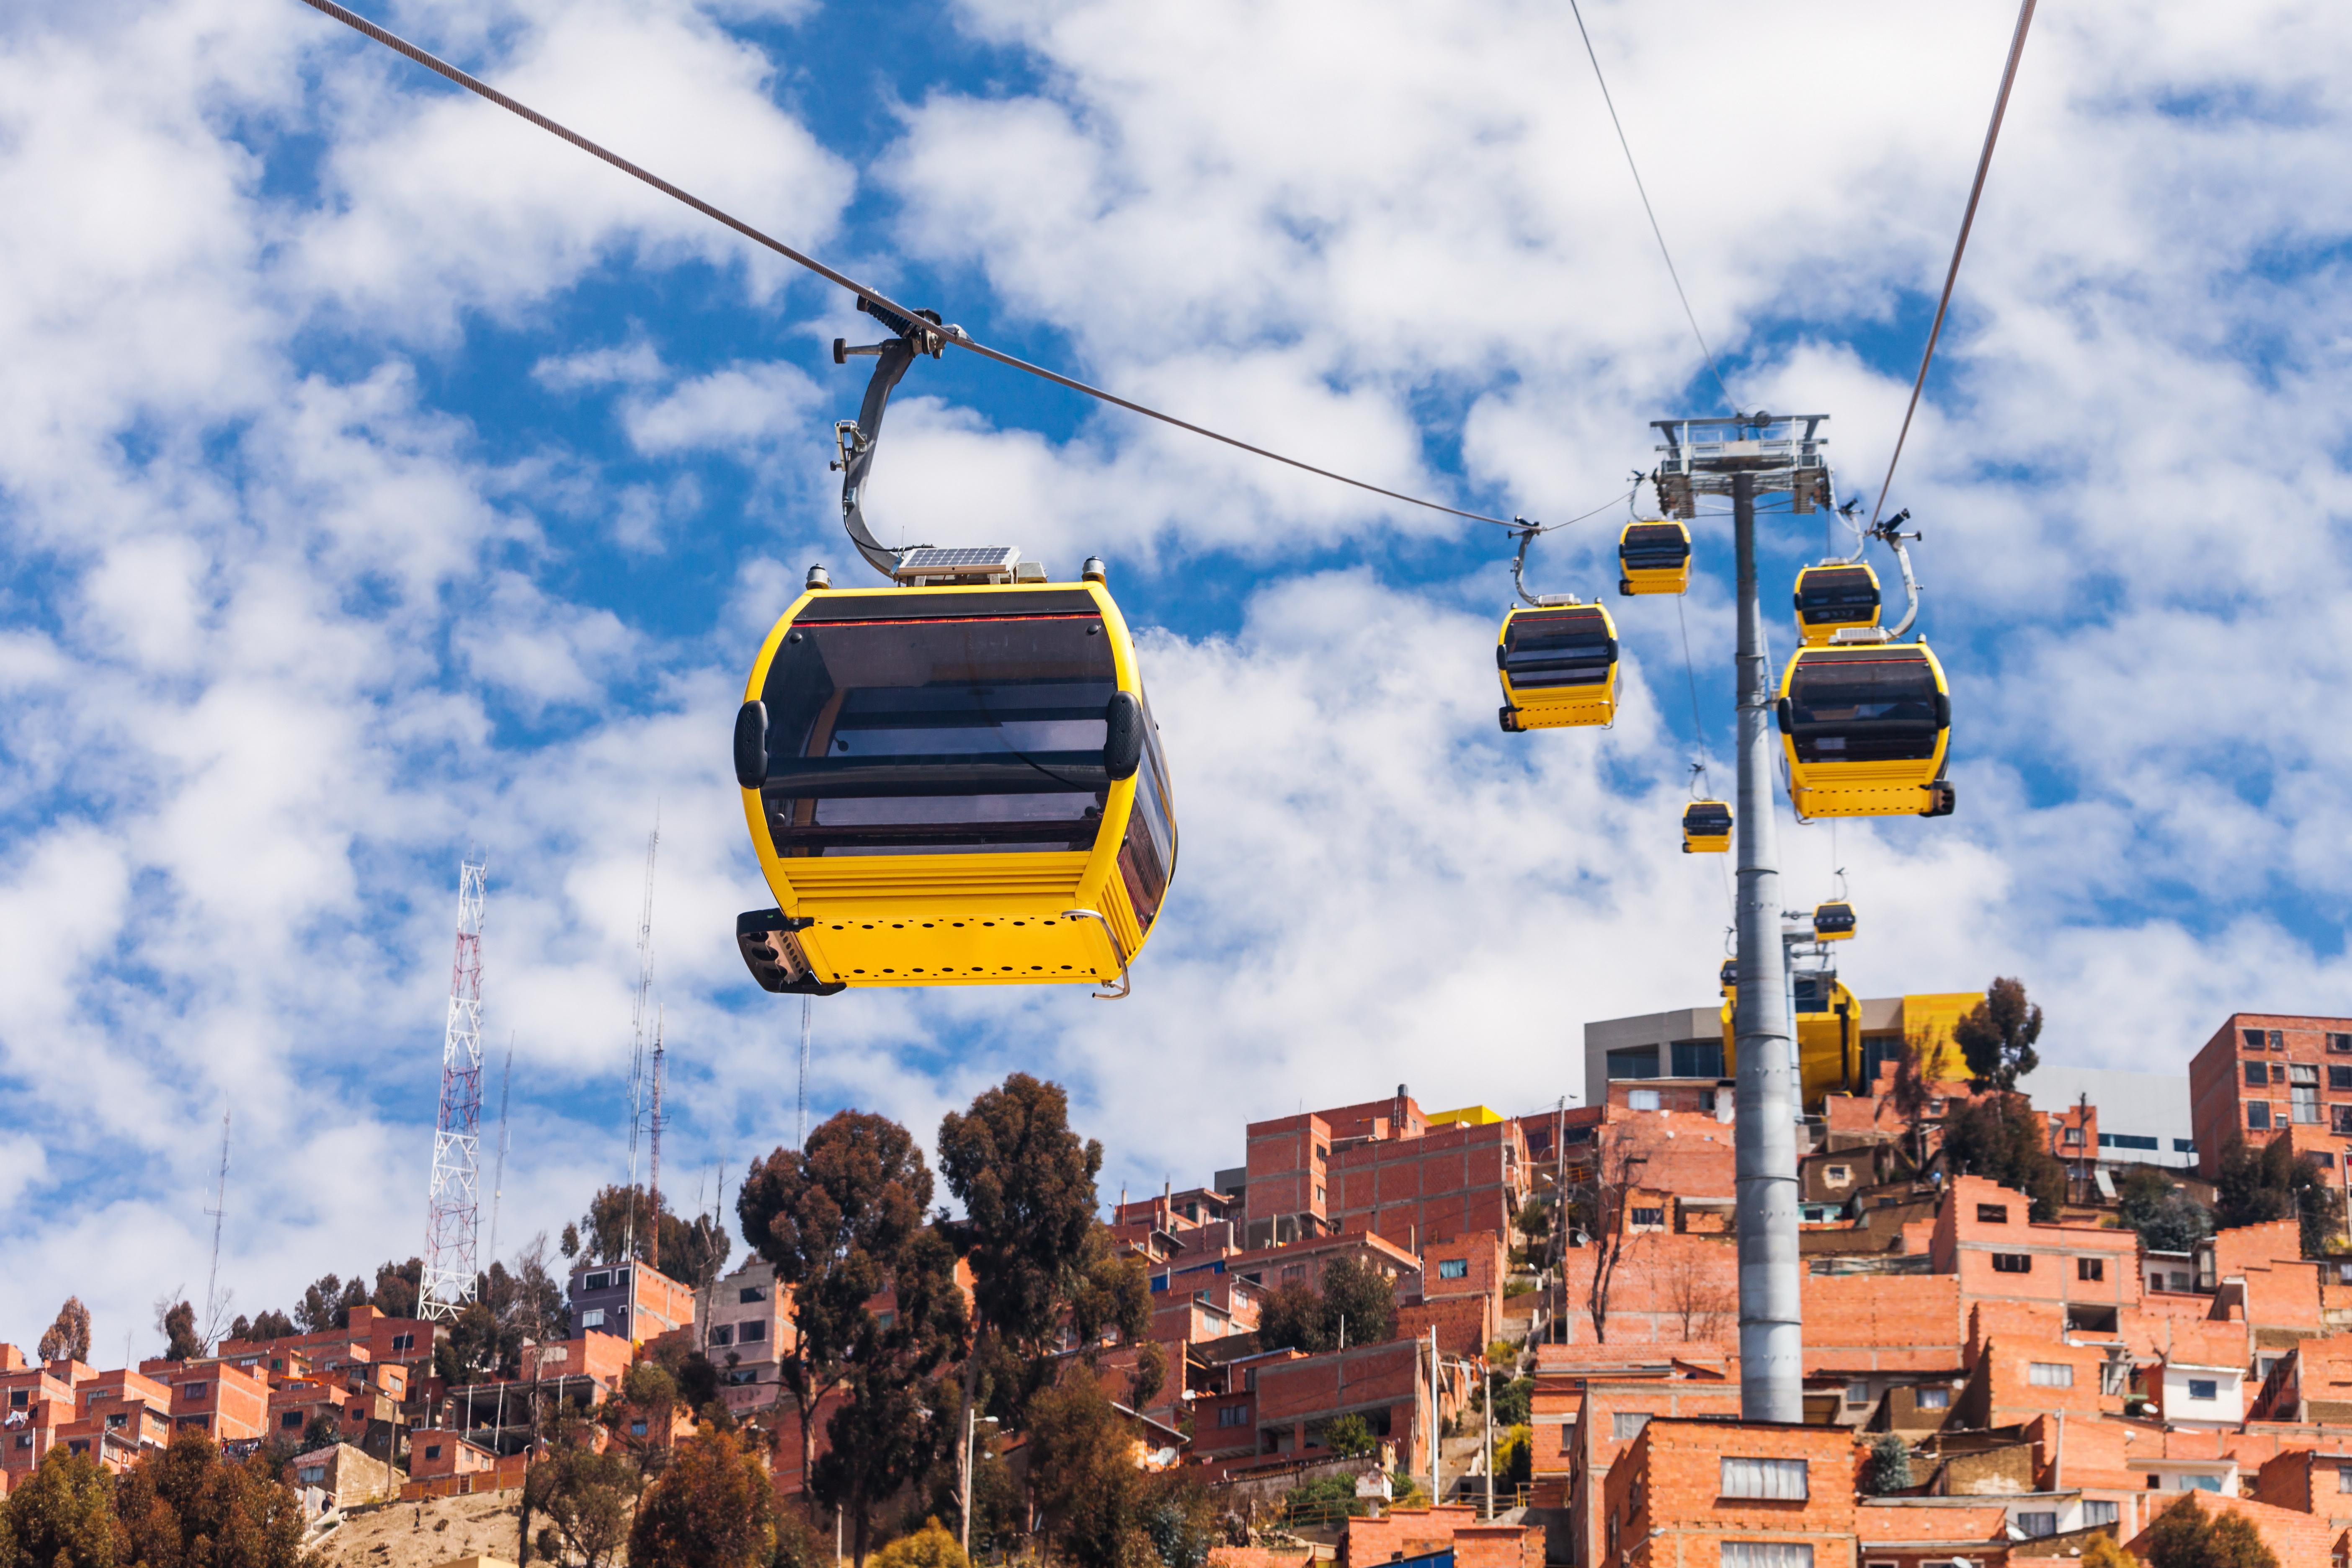 Observa la capital boliviana como un auténtico cóndor andino - Bolivia Gran Viaje Bolivia Increíble